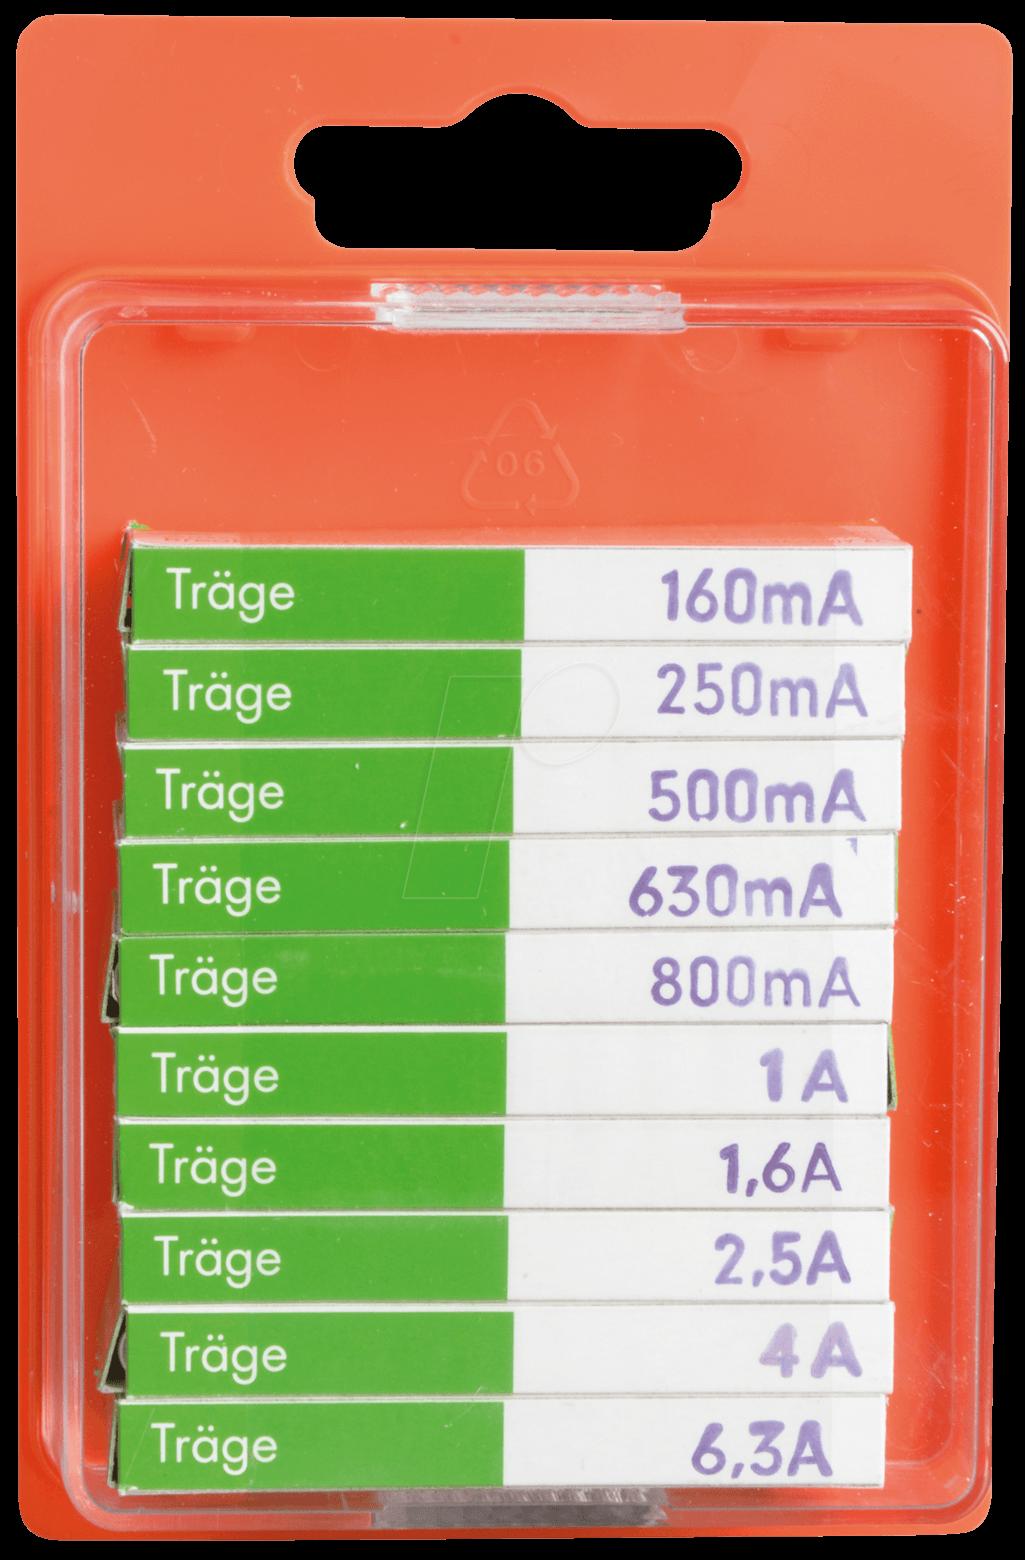 SORTIMENT TR - Feinsicherungs-Sortiment. 5x20mm, träge